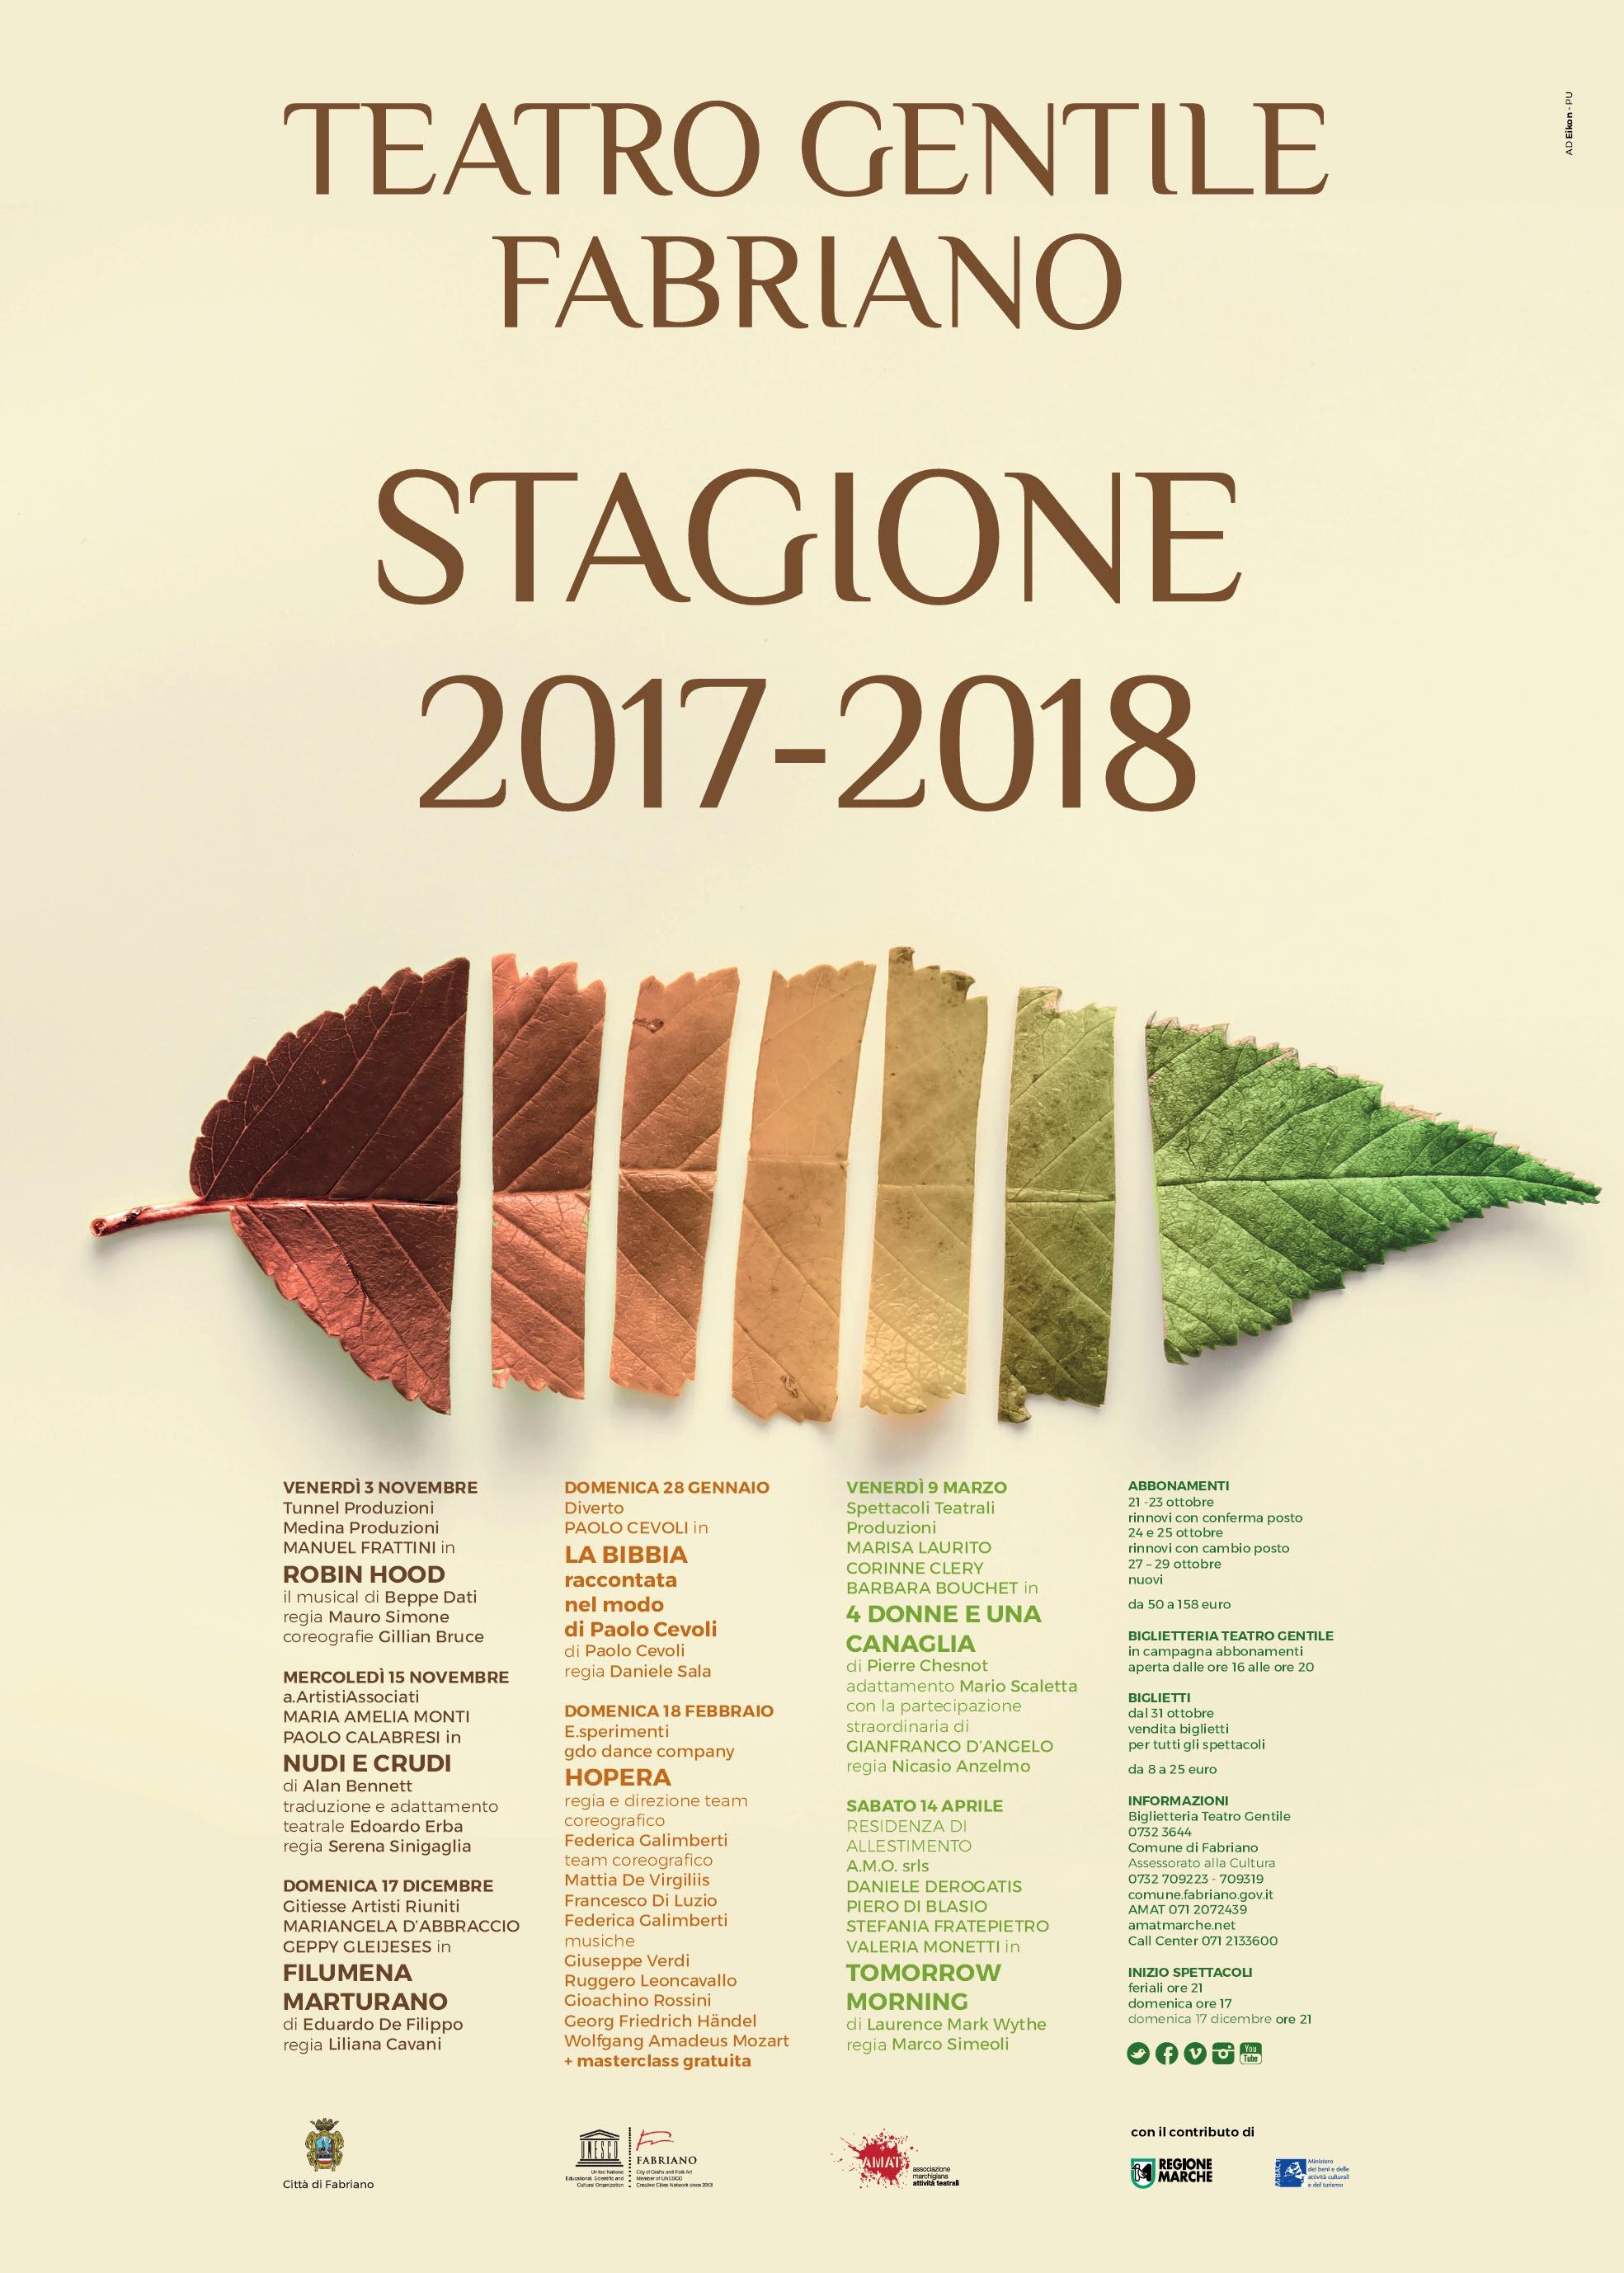 Stagione teatrale 2017 2018 forum fabriano tripadvisor for Eventi marche 2017